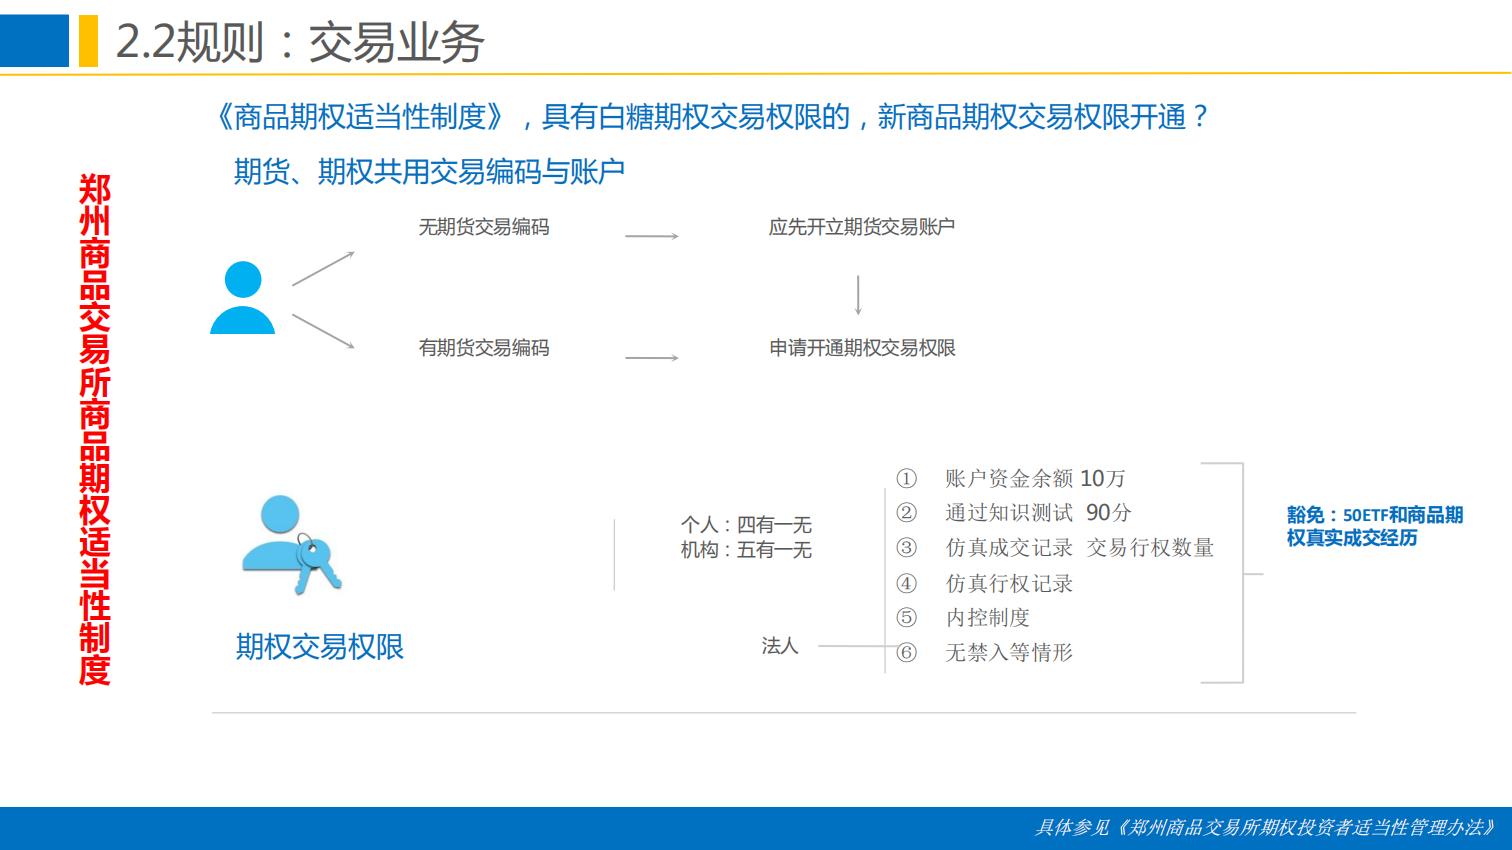 晨会:郑商所培训分享-棉花期权合约规则与上市工作安排0111.pdfx_17.png